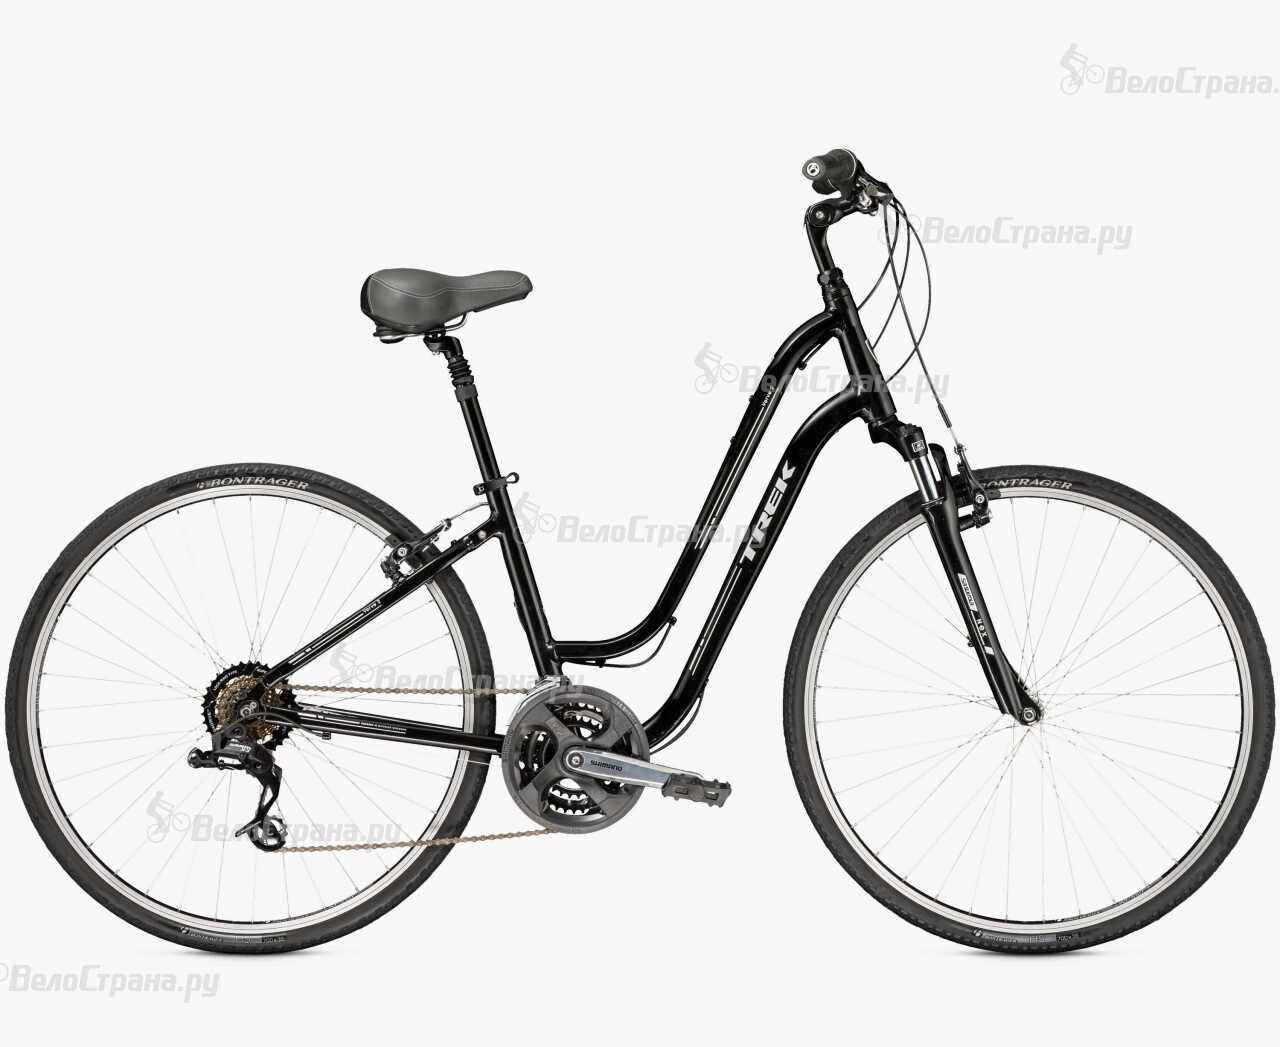 Велосипед Trek Verve 2 WSD (2016) велосипед trek verve 3 wsd 2013